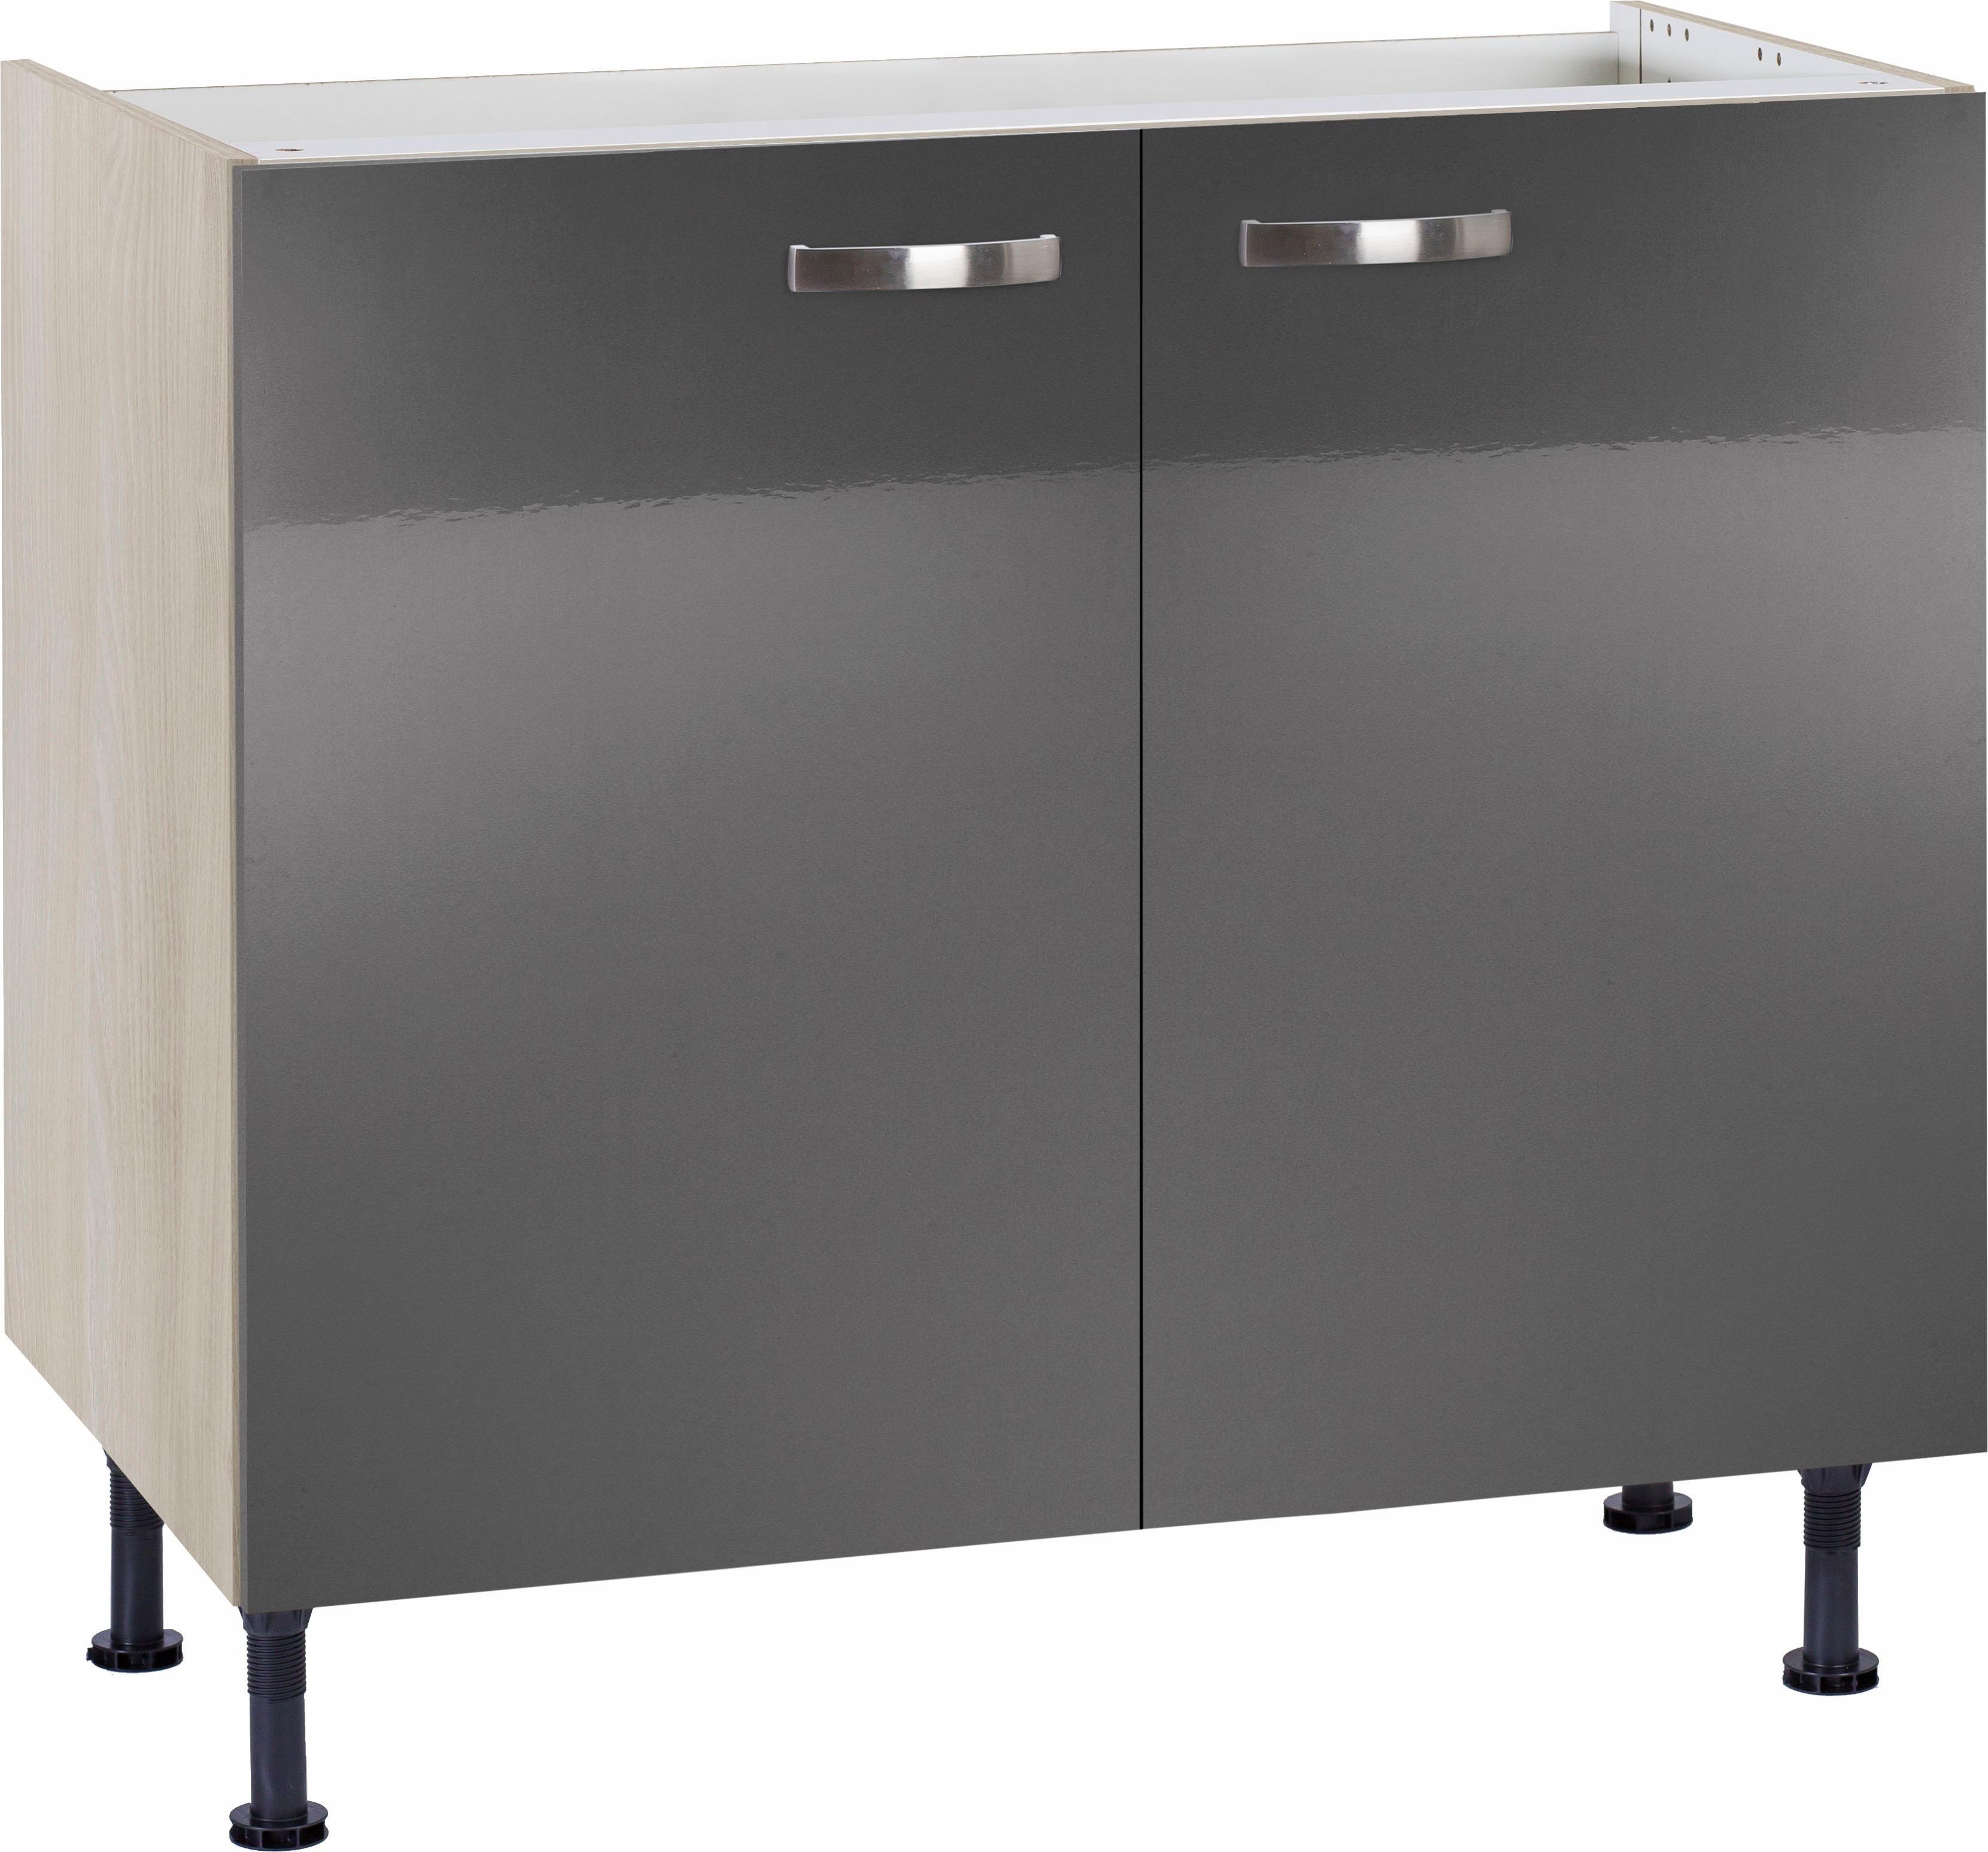 OPTIFIT »Cara« Spülenschrank, Breite 90 cm | Küche und Esszimmer > Küchenschränke > Spülenschränke | Anthrazit - Weiß - Glanz | Beton - Glänzend - Mdf - Melamin | OPTIFIT